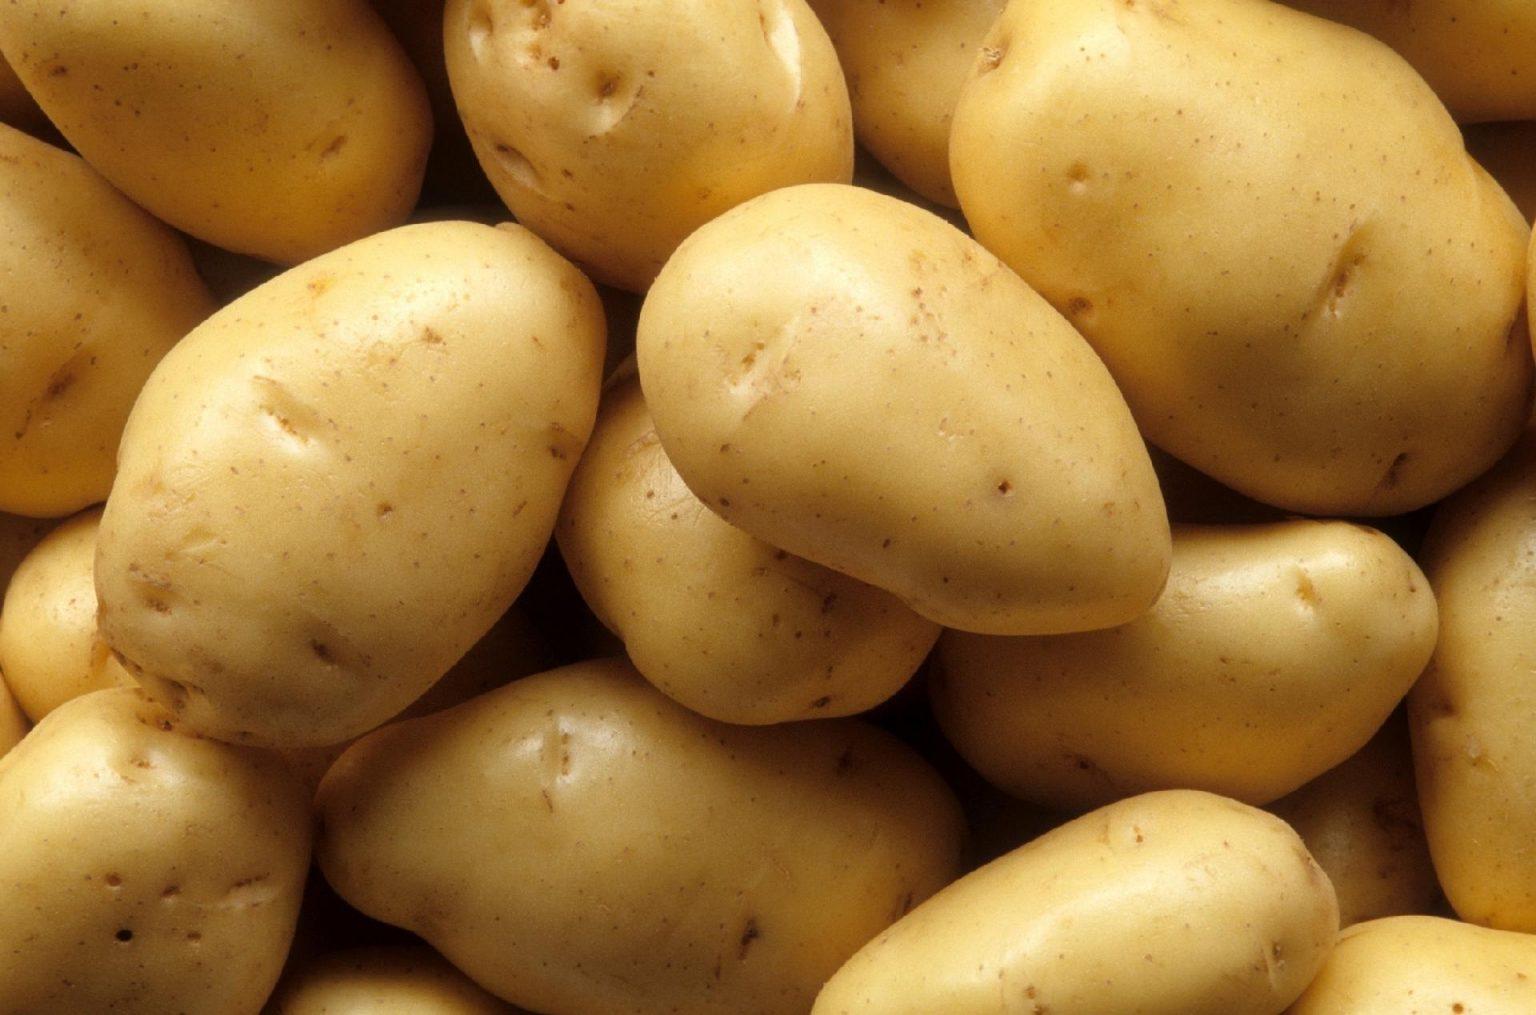 Картофель янка характеристика сорта отзывы вкусовые качества